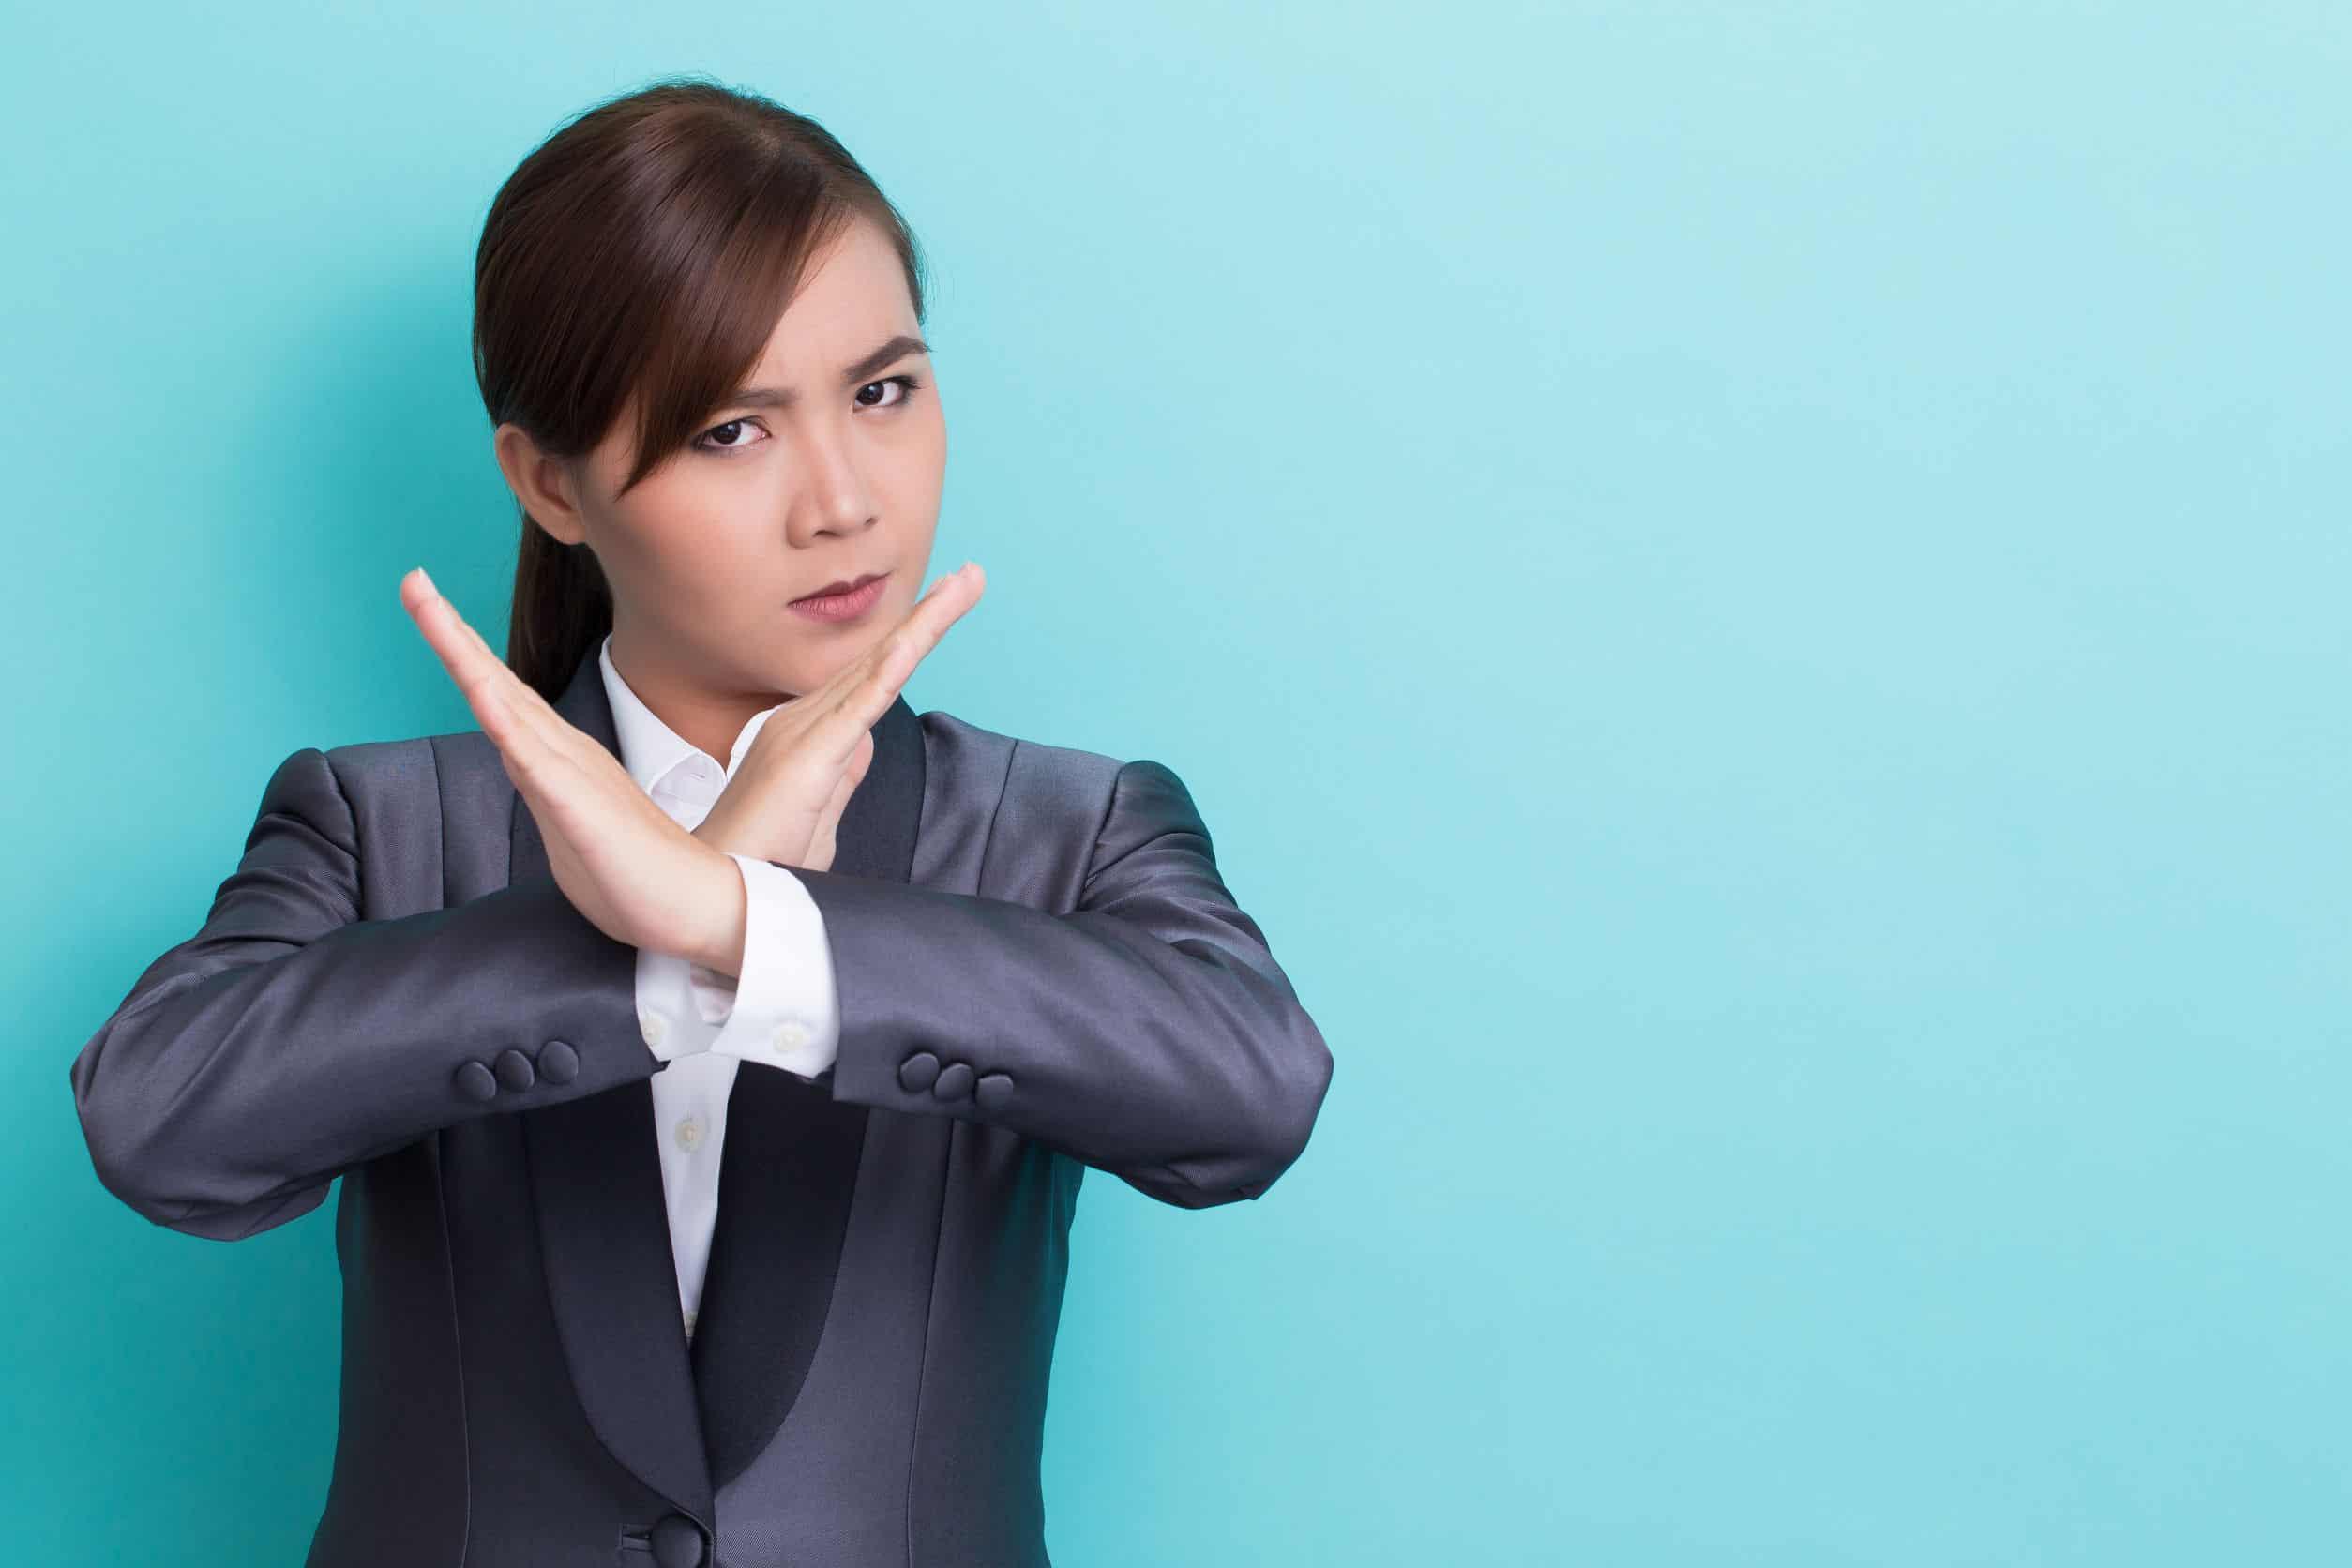 Unzulässige Fragen im Bewerbungsgespräch und wie Sie darauf reagieren können Image